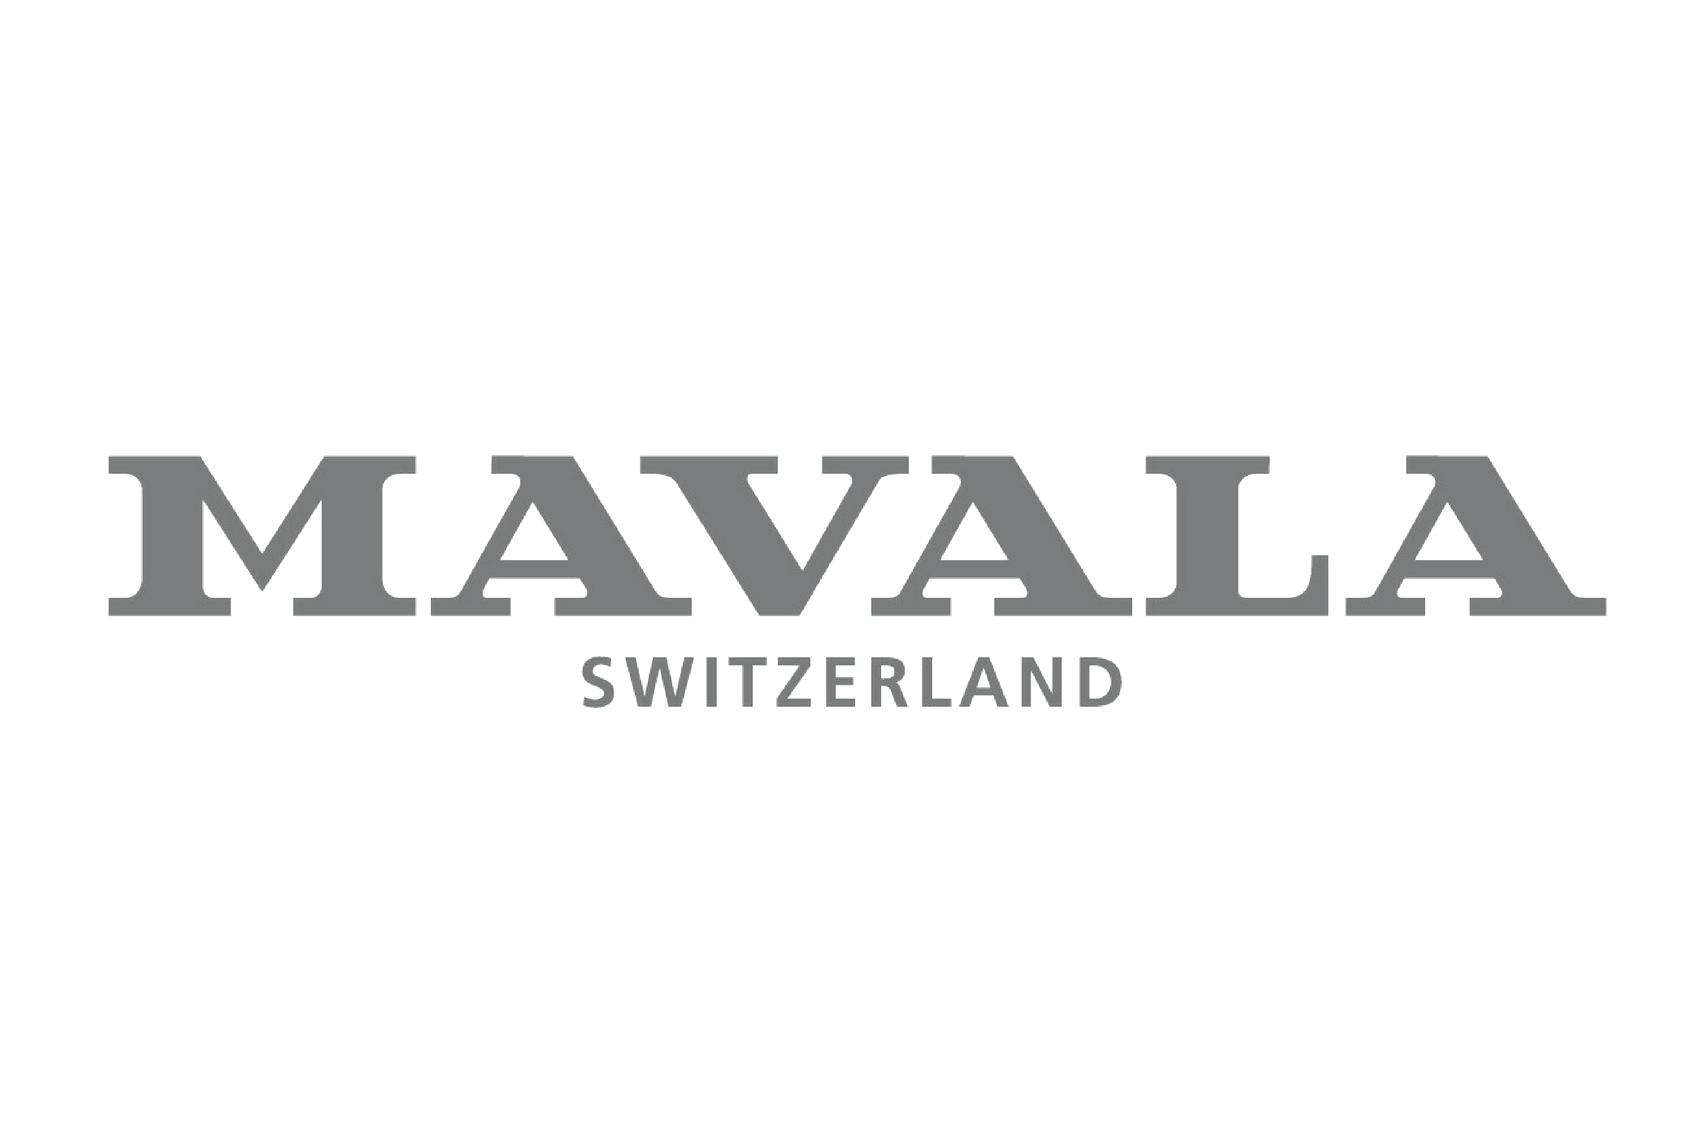 مافالا-MAVALA